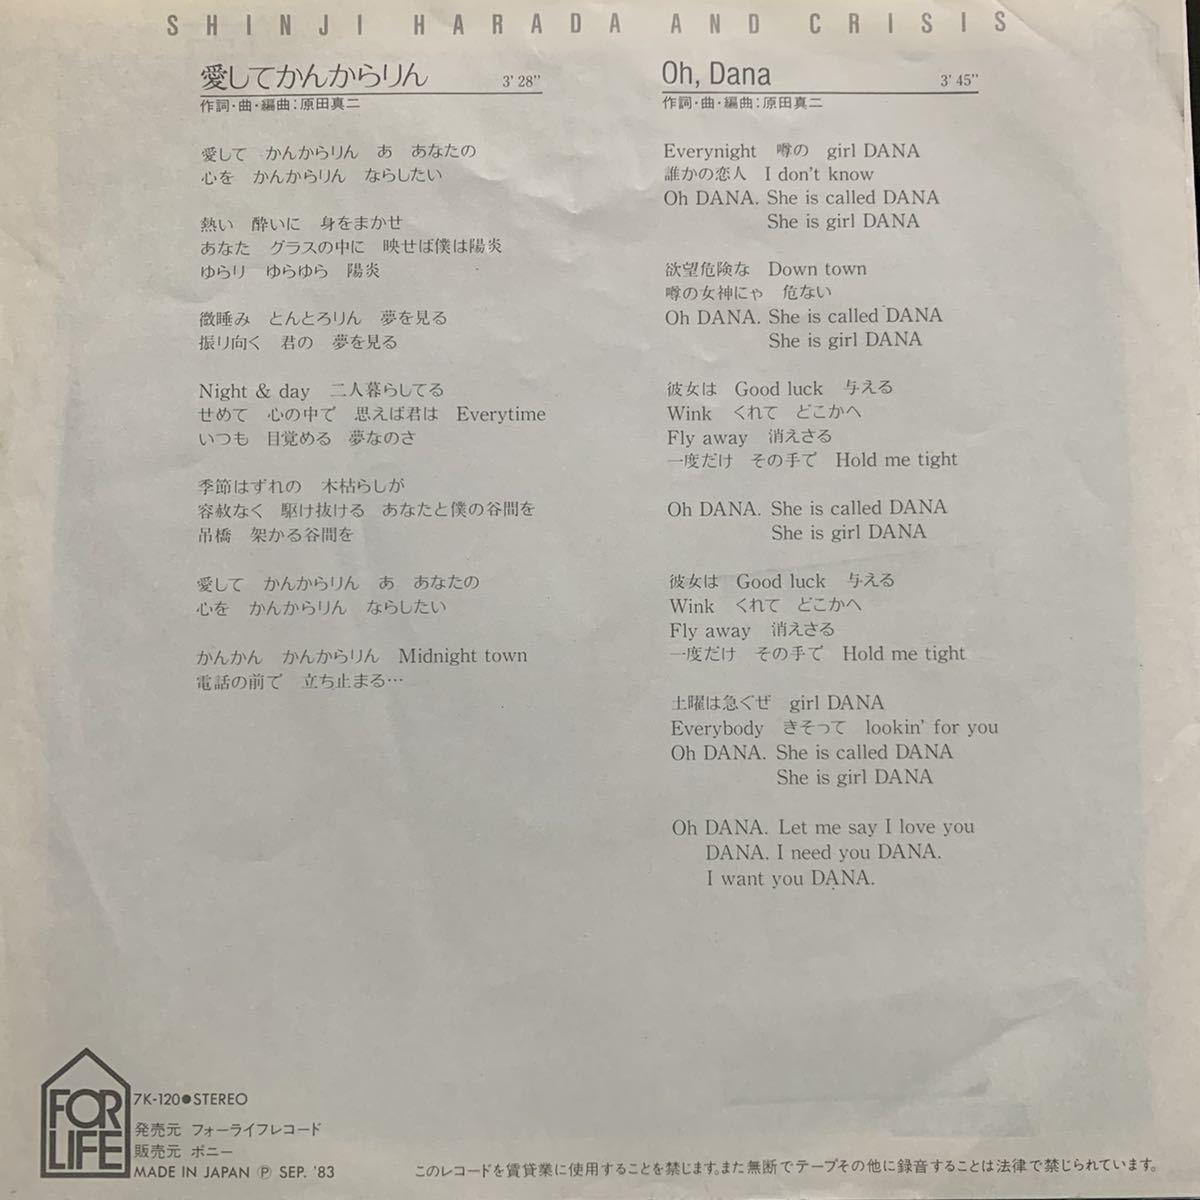 【EP】【7インチレコード】レア 83年 非売品 見本盤 原田真二 / 愛してかんからりん / Oh,Dana 和モノ アーバンブギー ブラコン_画像2